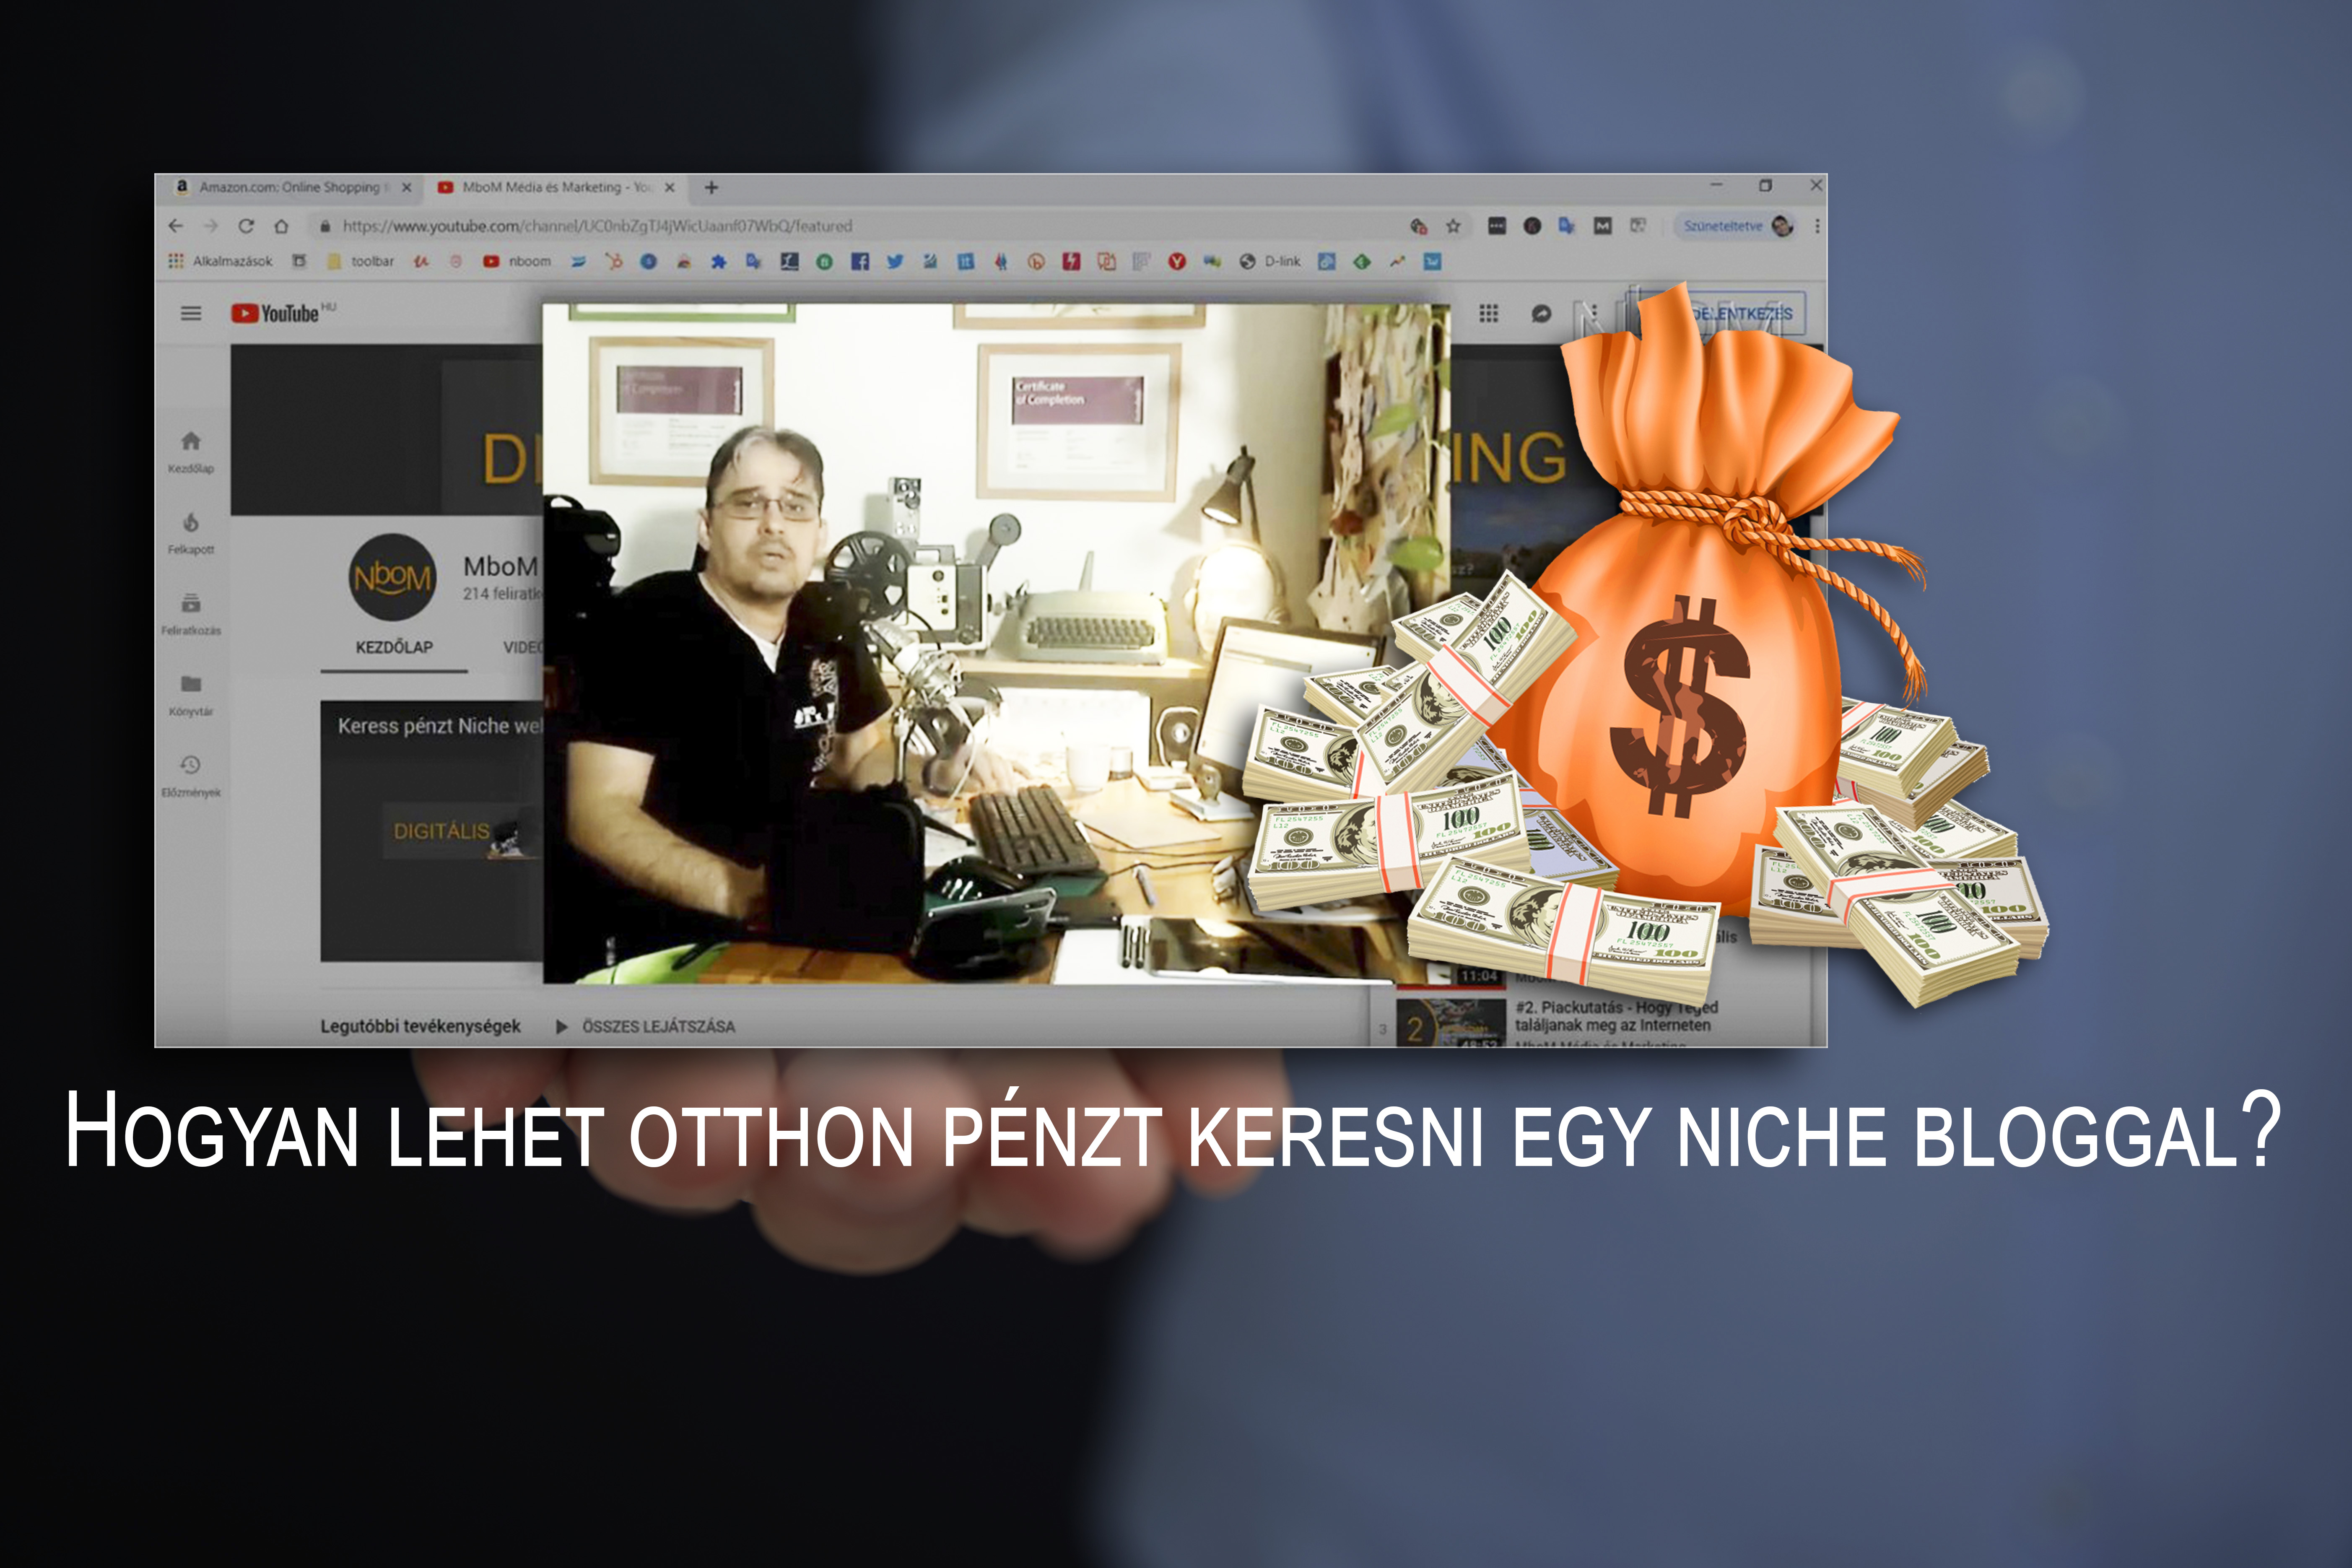 amikor dolgozik, nincs idő pénzt keresni)